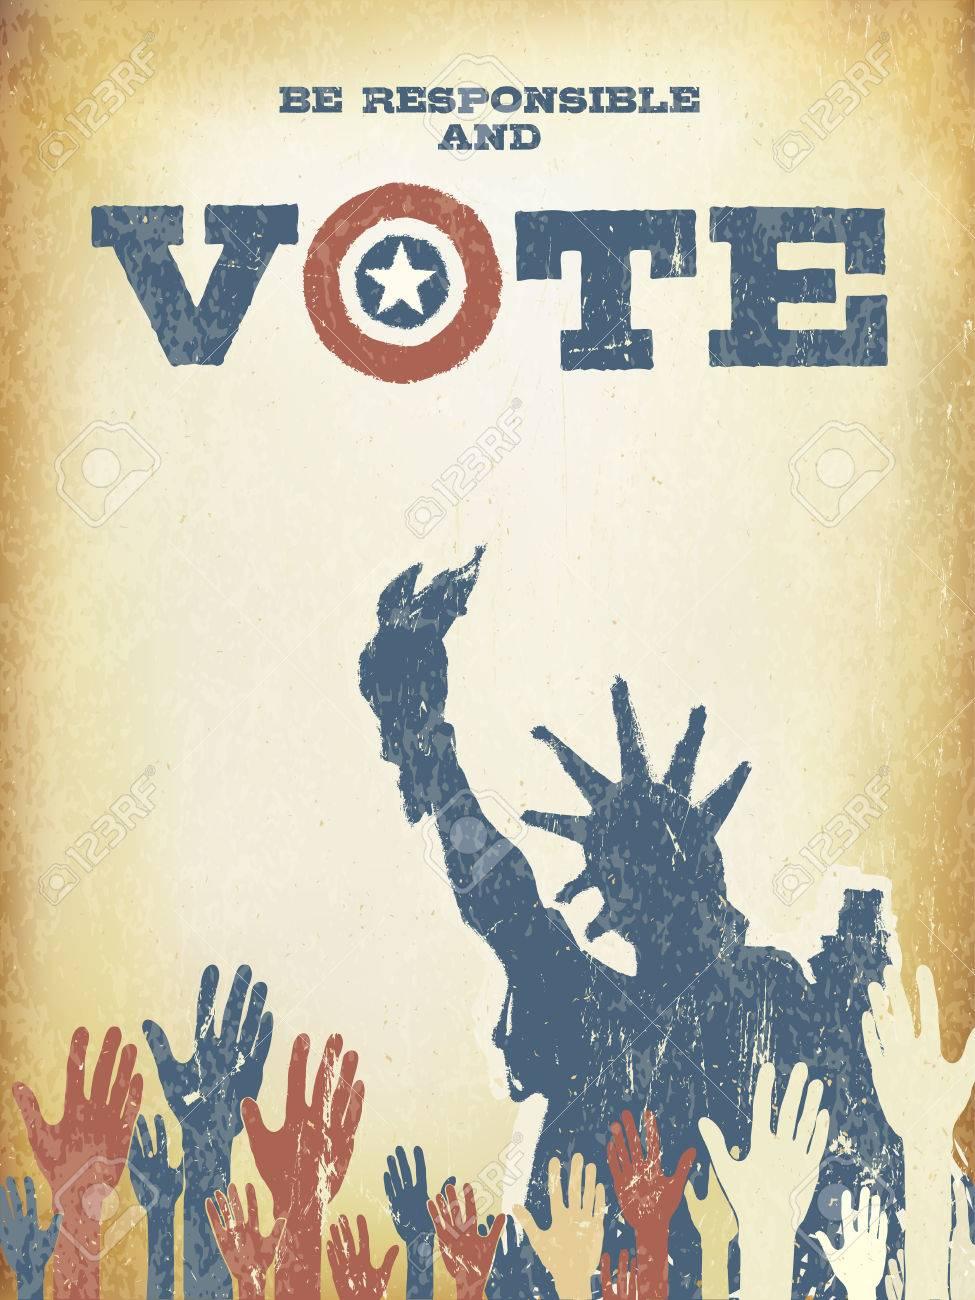 Verantwortlich Sein Und Wahlen Sie Auf Usa Karte Jahrgang Pattic